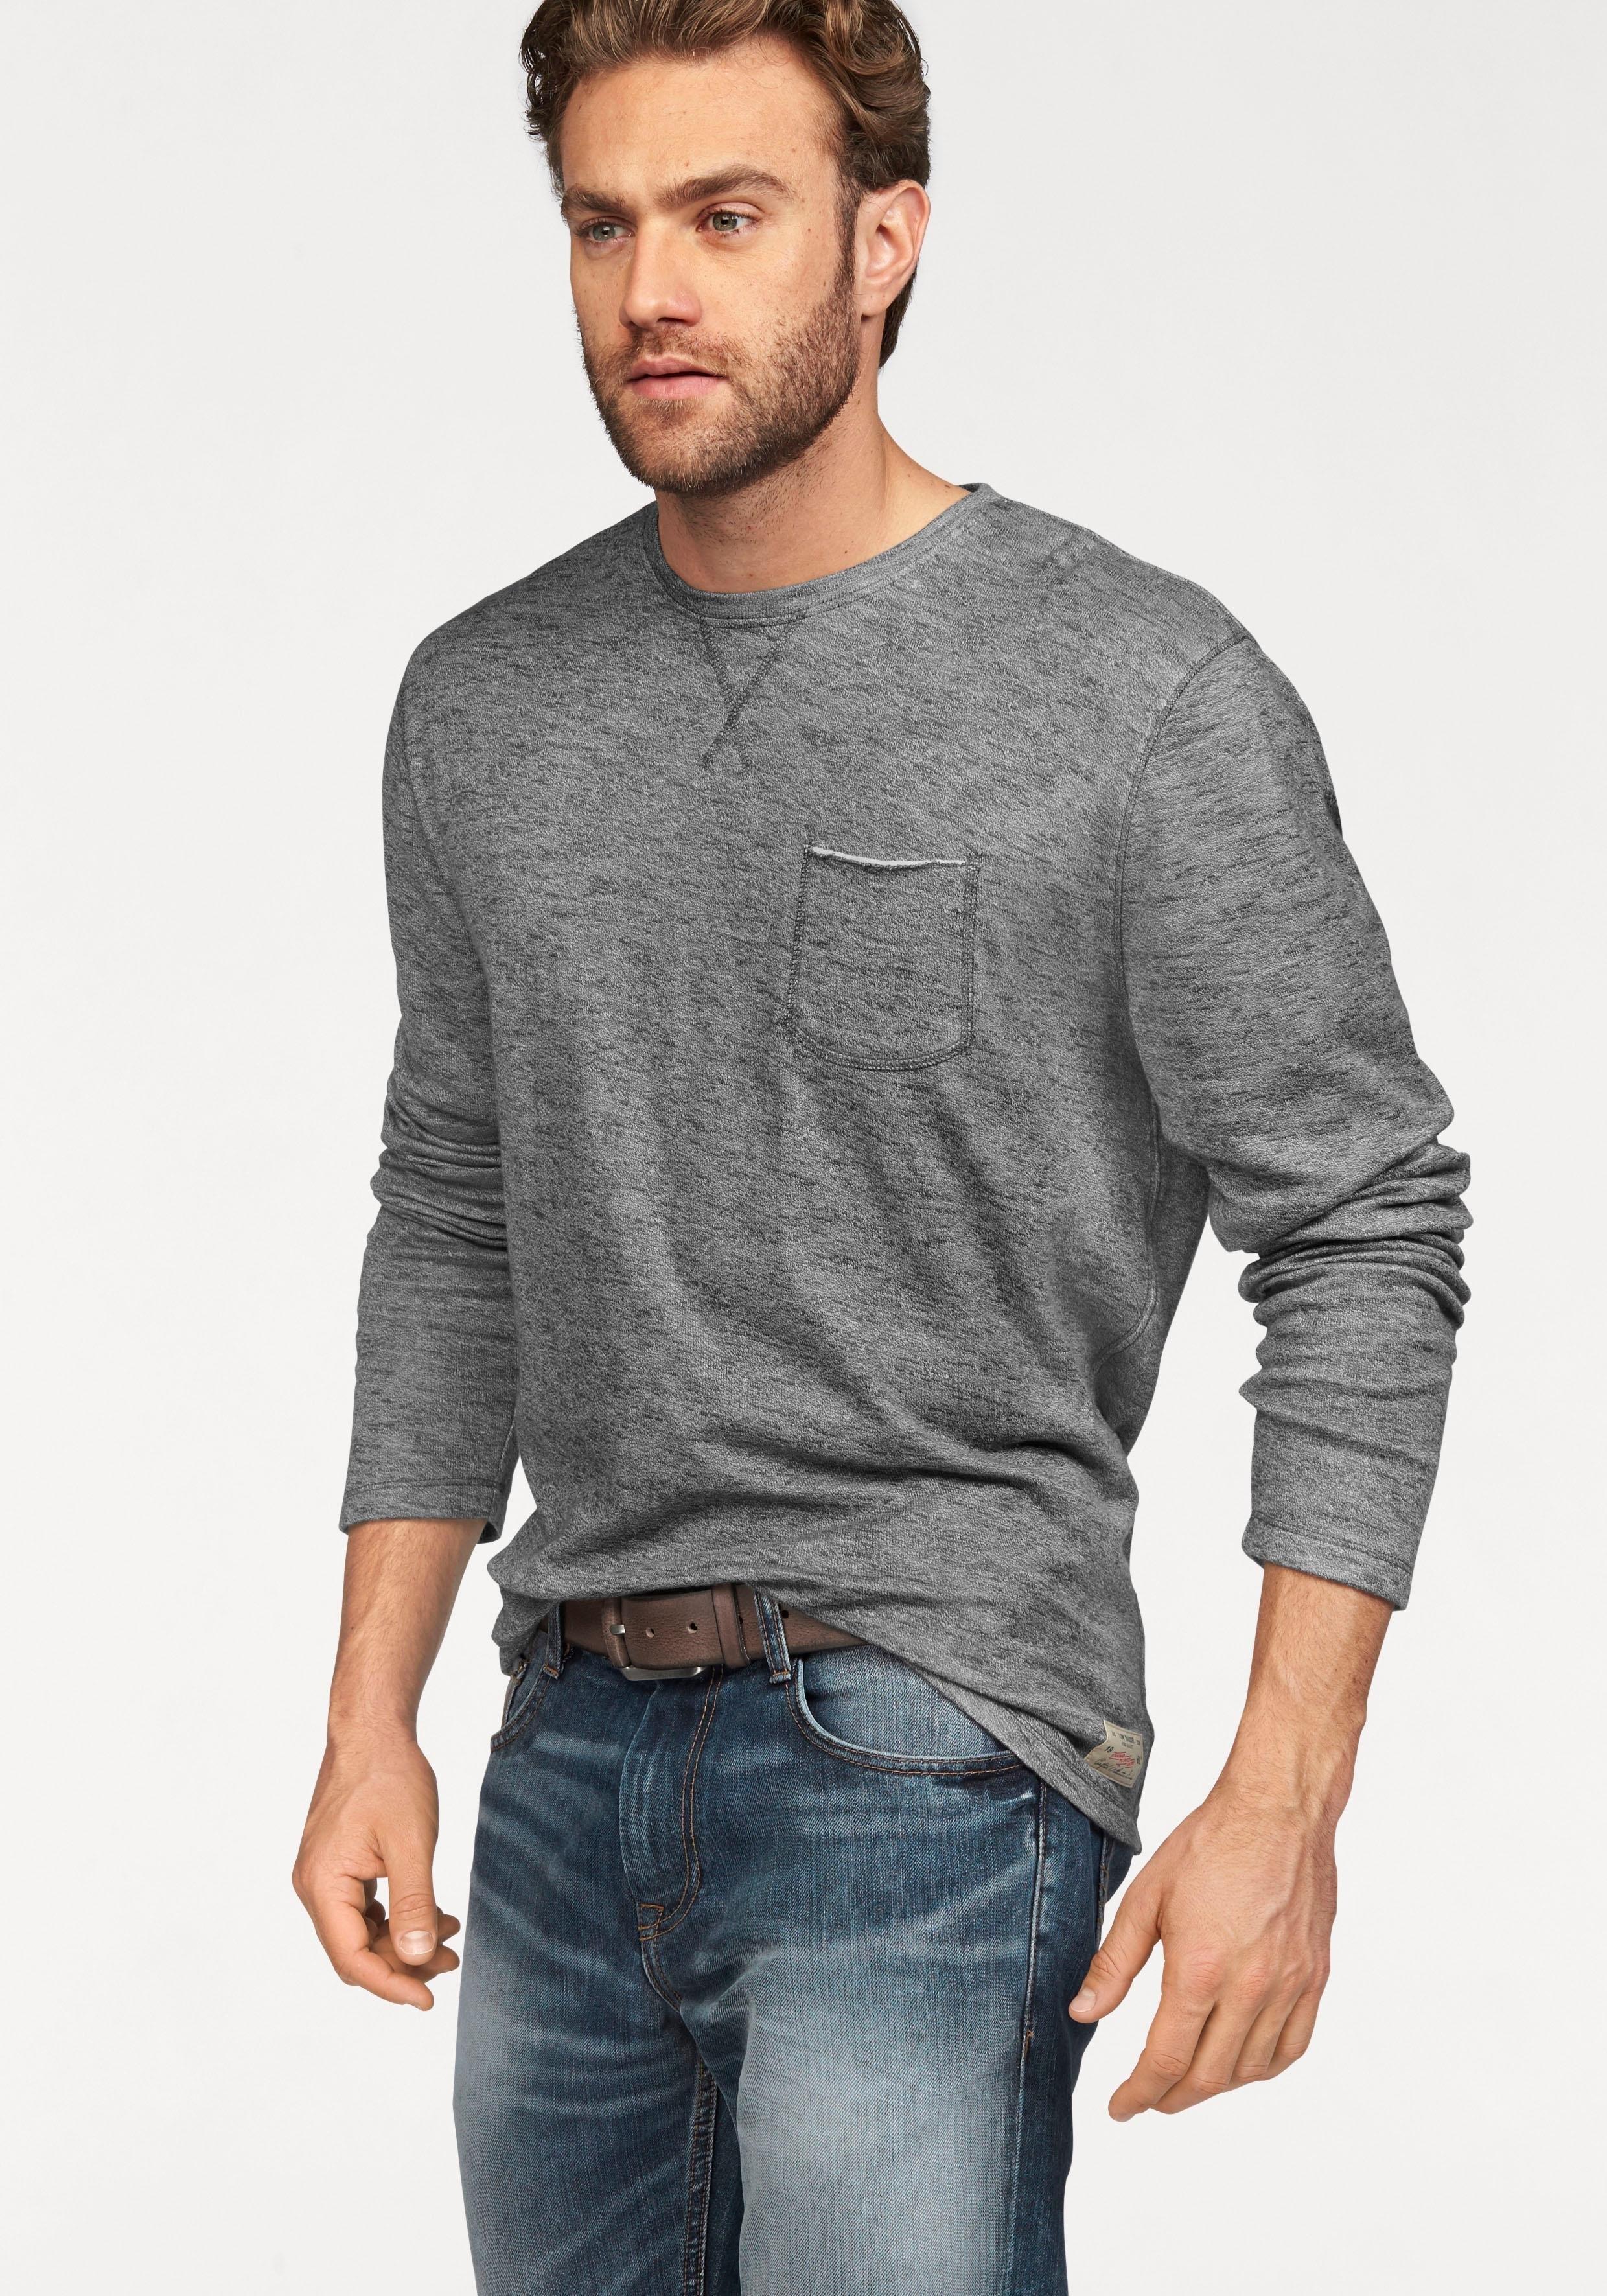 TOM TAILOR sweatshirt - gratis ruilen op otto.nl